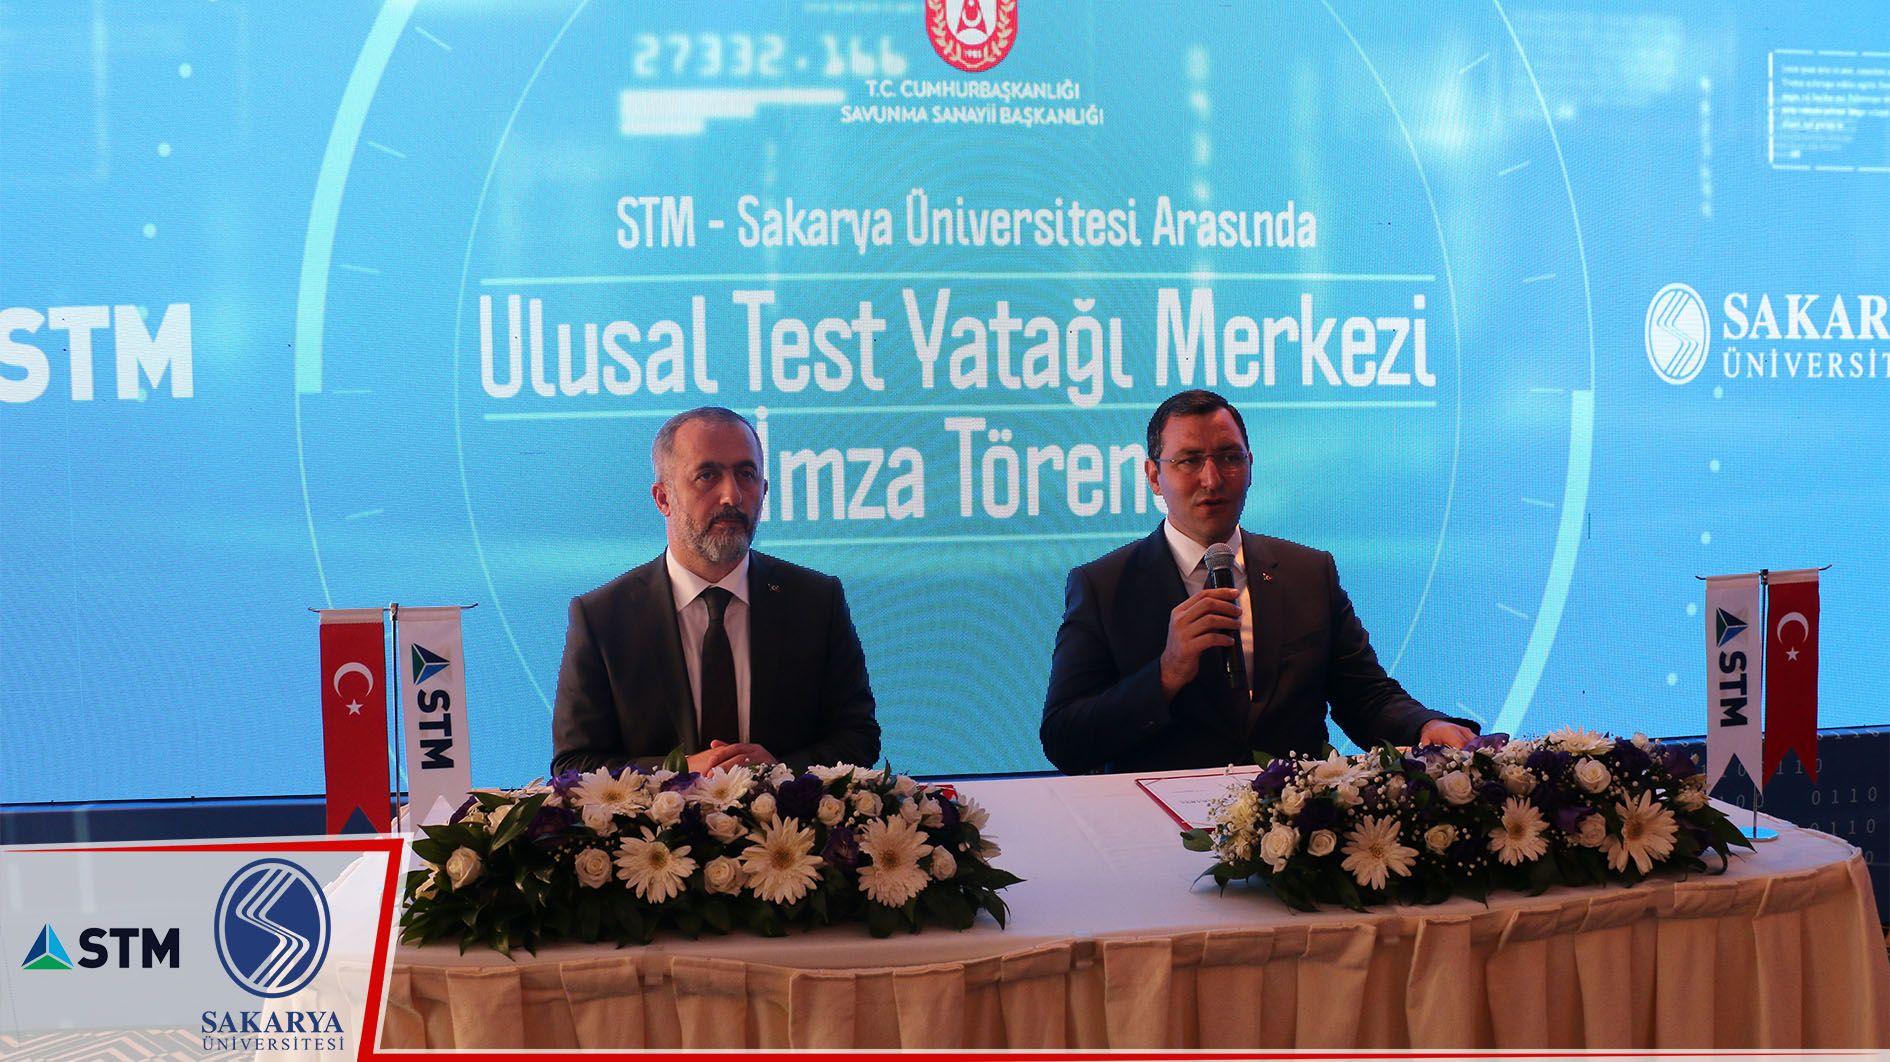 STM ile Sakarya Üniversitesi, Ulusal Test Yatağı Merkezi açıyor